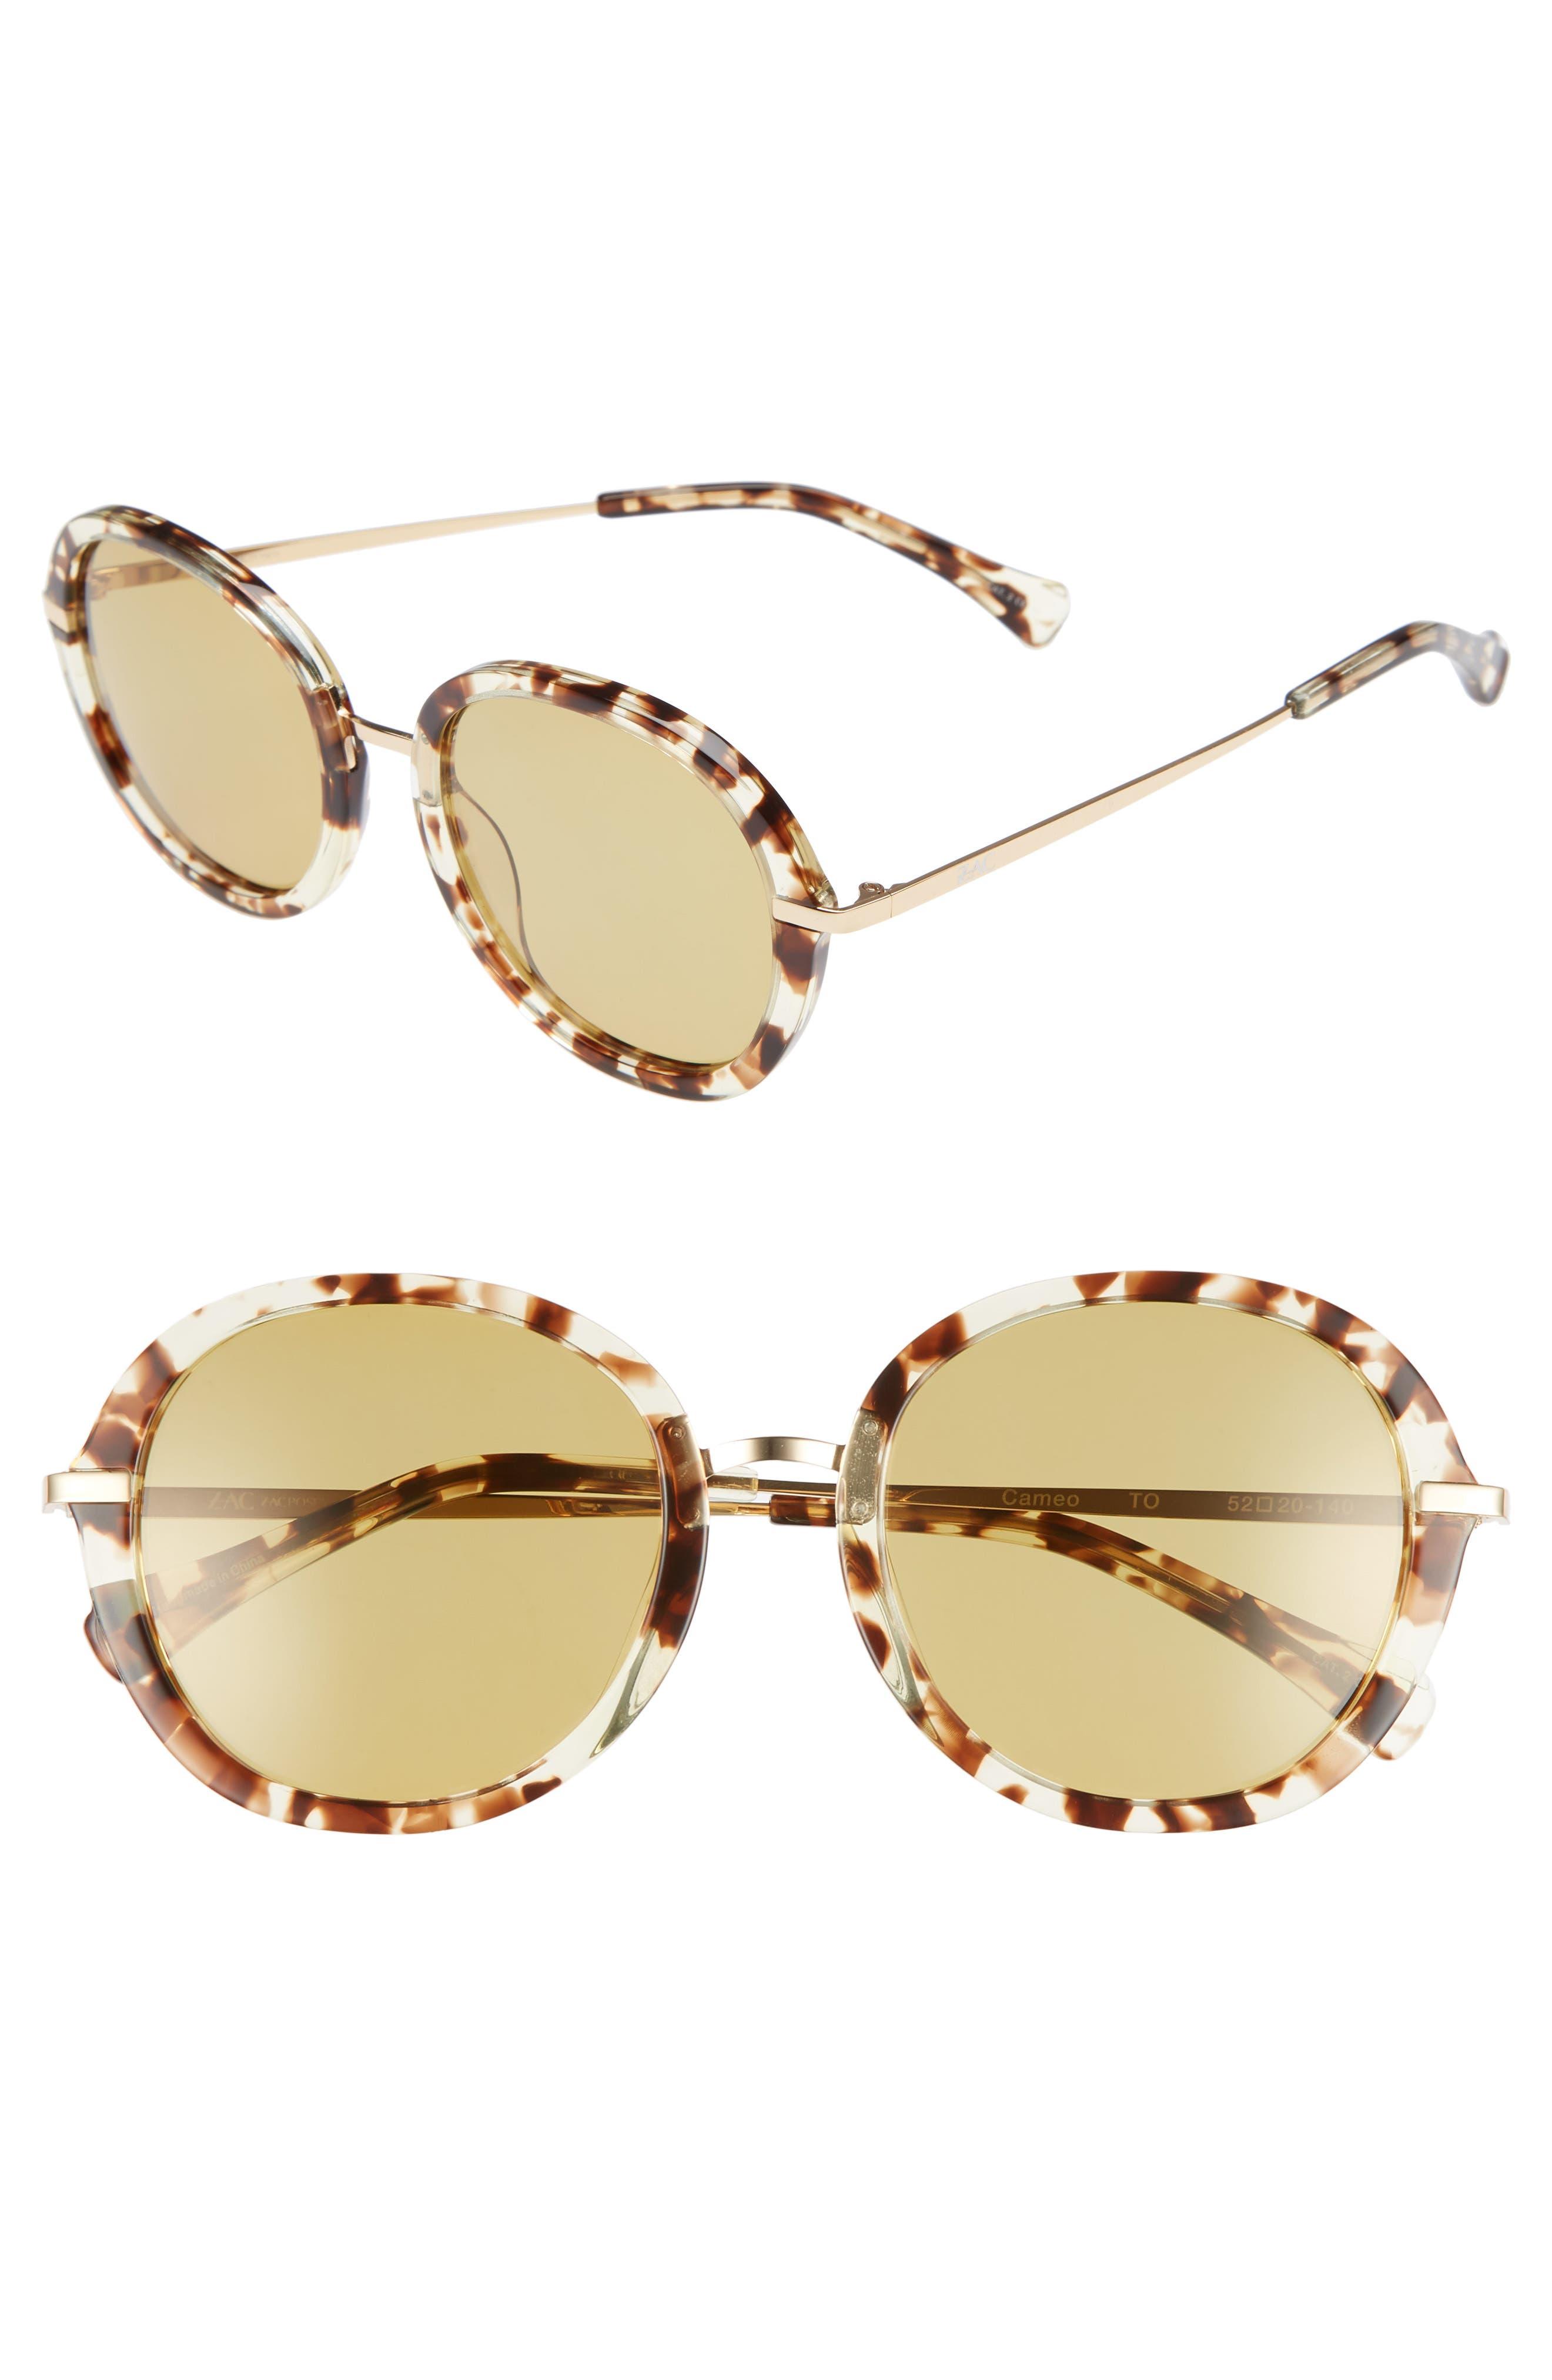 Zac Zac Posen Cameo 52mm Round Sunglasses